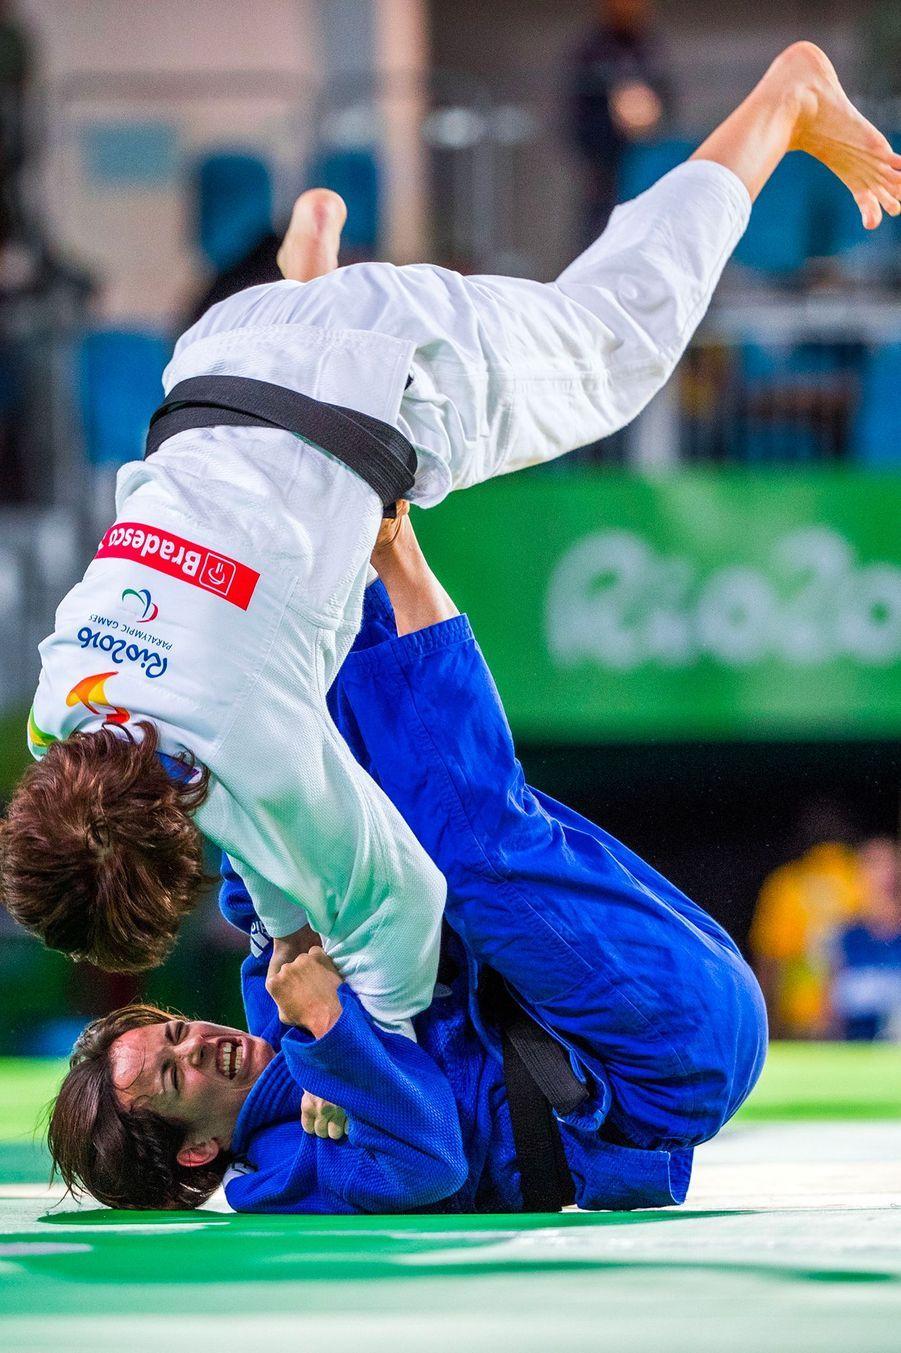 Sandrine Martinet a remporté l'or au judo dans la catégorie des moins de 52 kilos